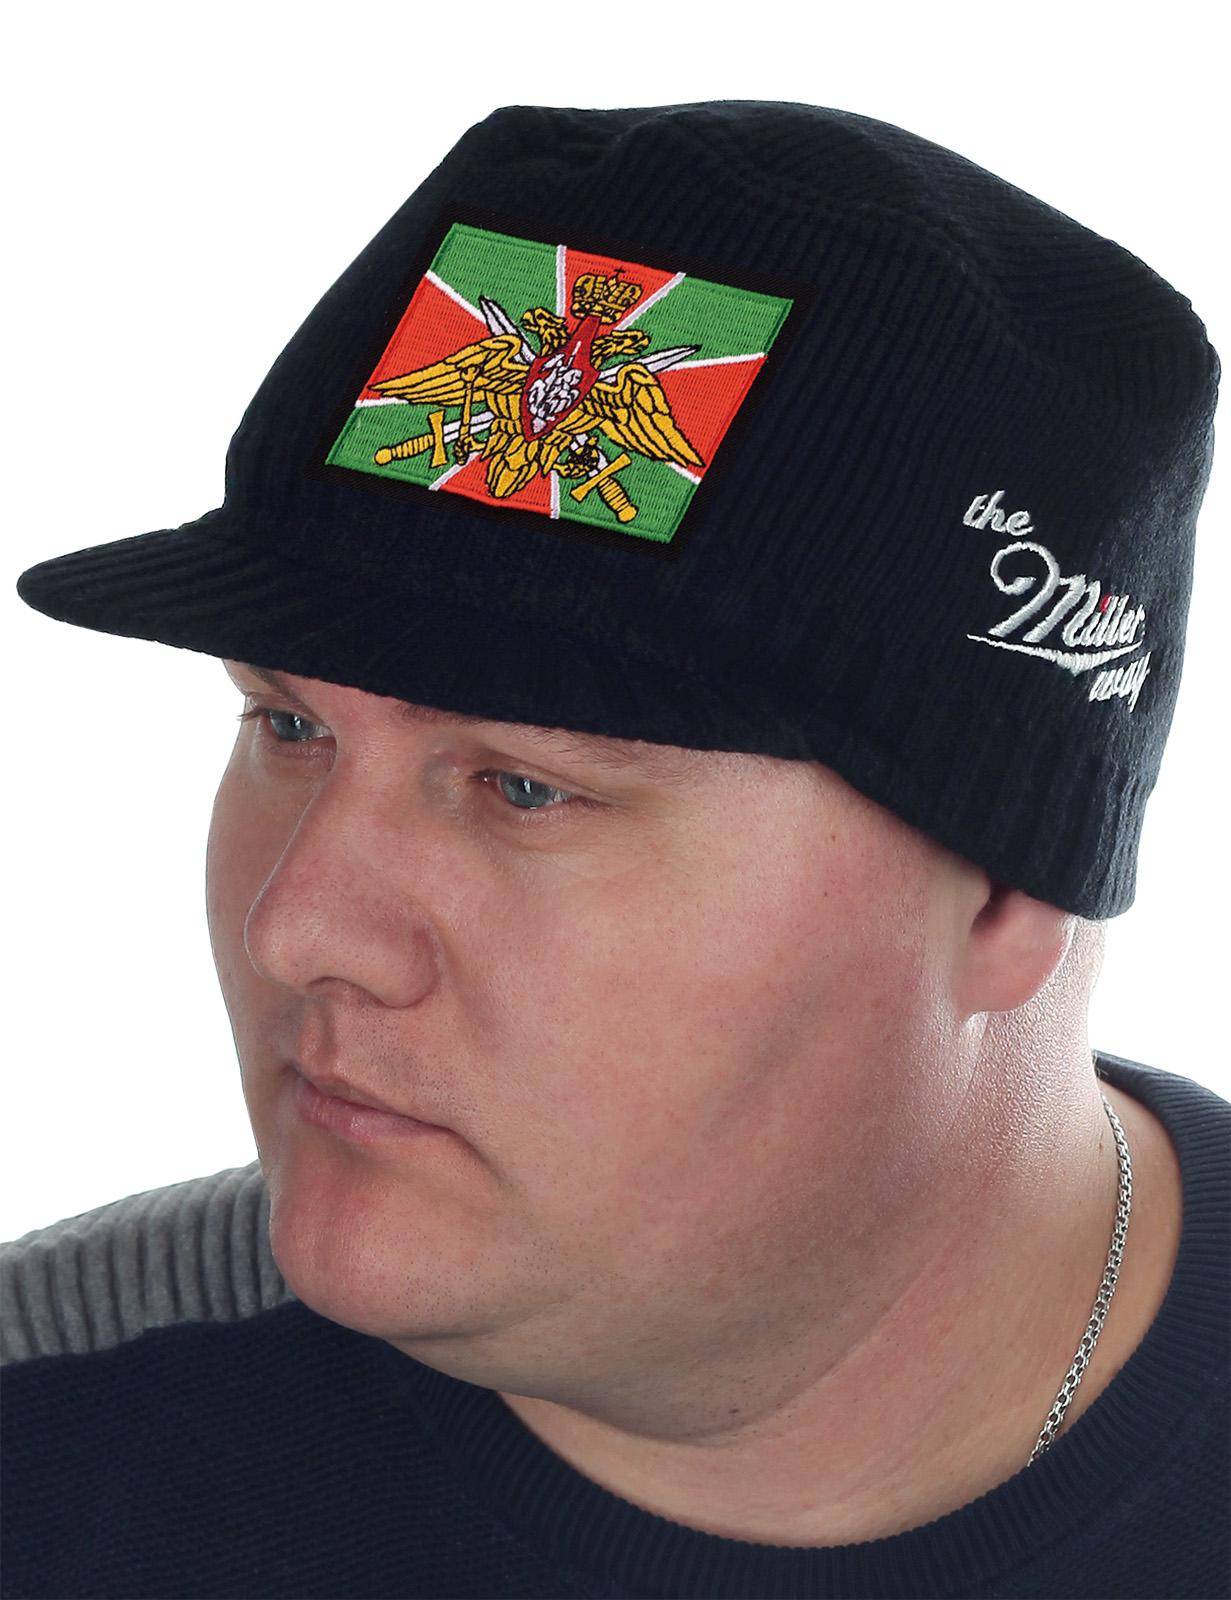 Мужская вязаная кепка Miller Way с флагом Пограничных войск. Недорогая, качественная и удобная шапка для сильных духом. Хорошо носится и гармонирует с любой верхней одеждой